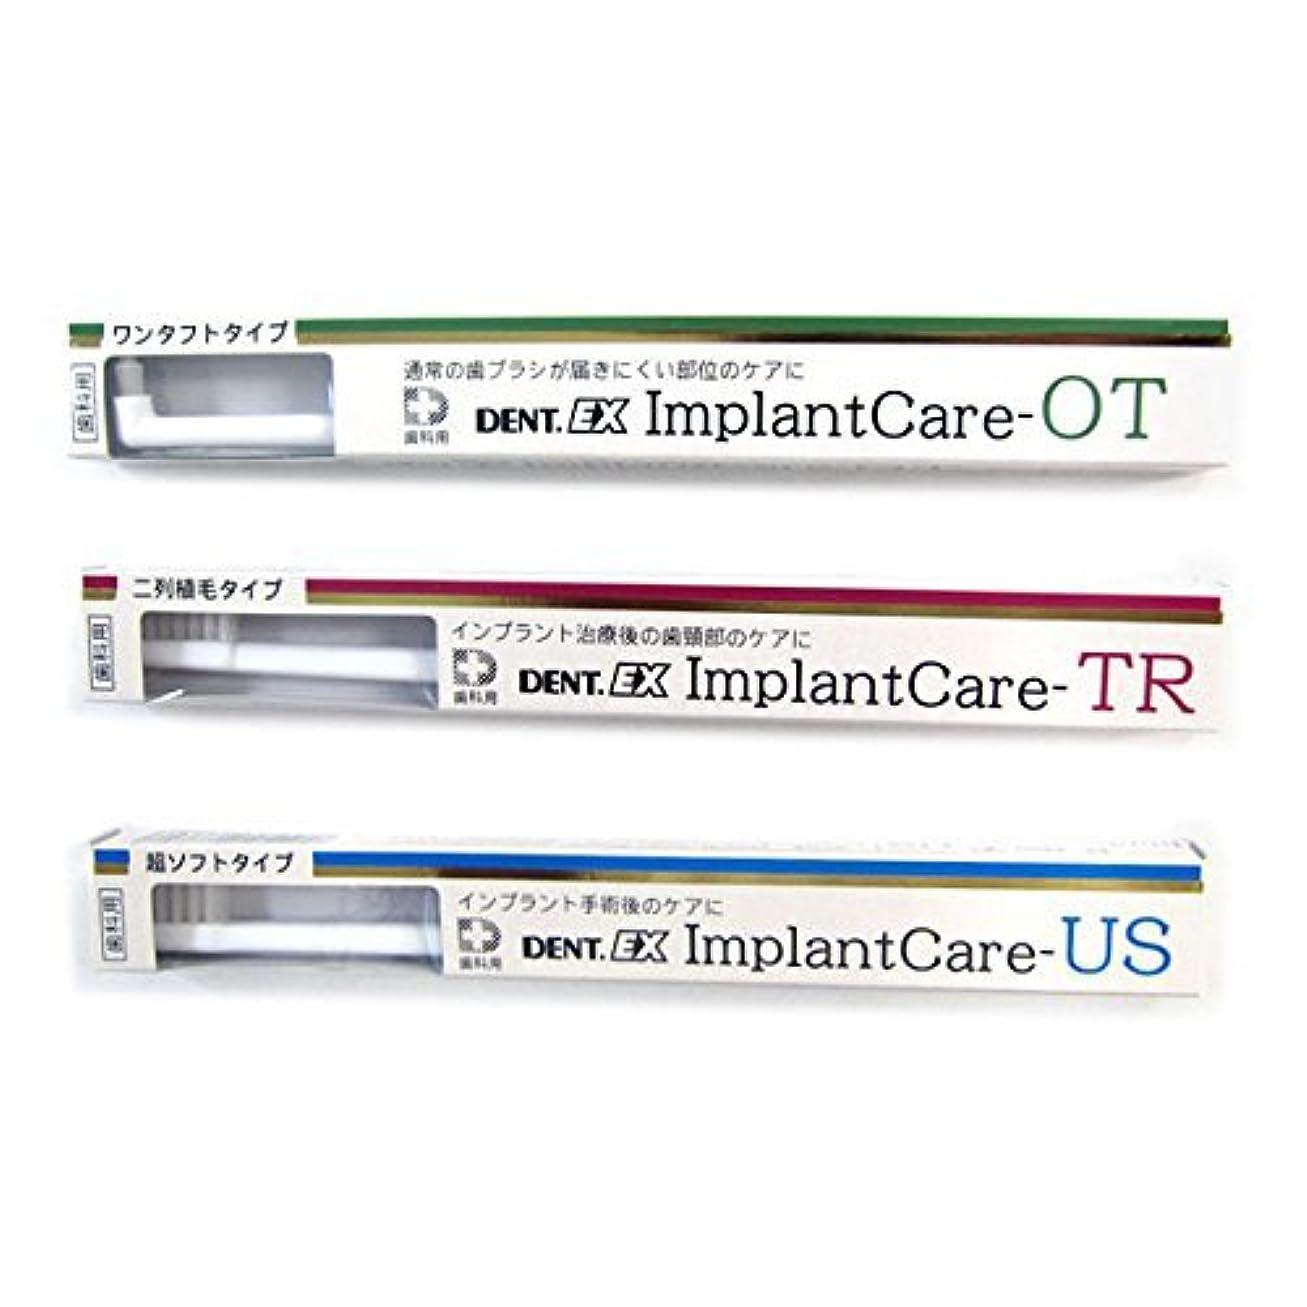 美的モデレータ圧力デント DENT EX ImplantCare インプラントケア 単品 OT(ワンタフト)